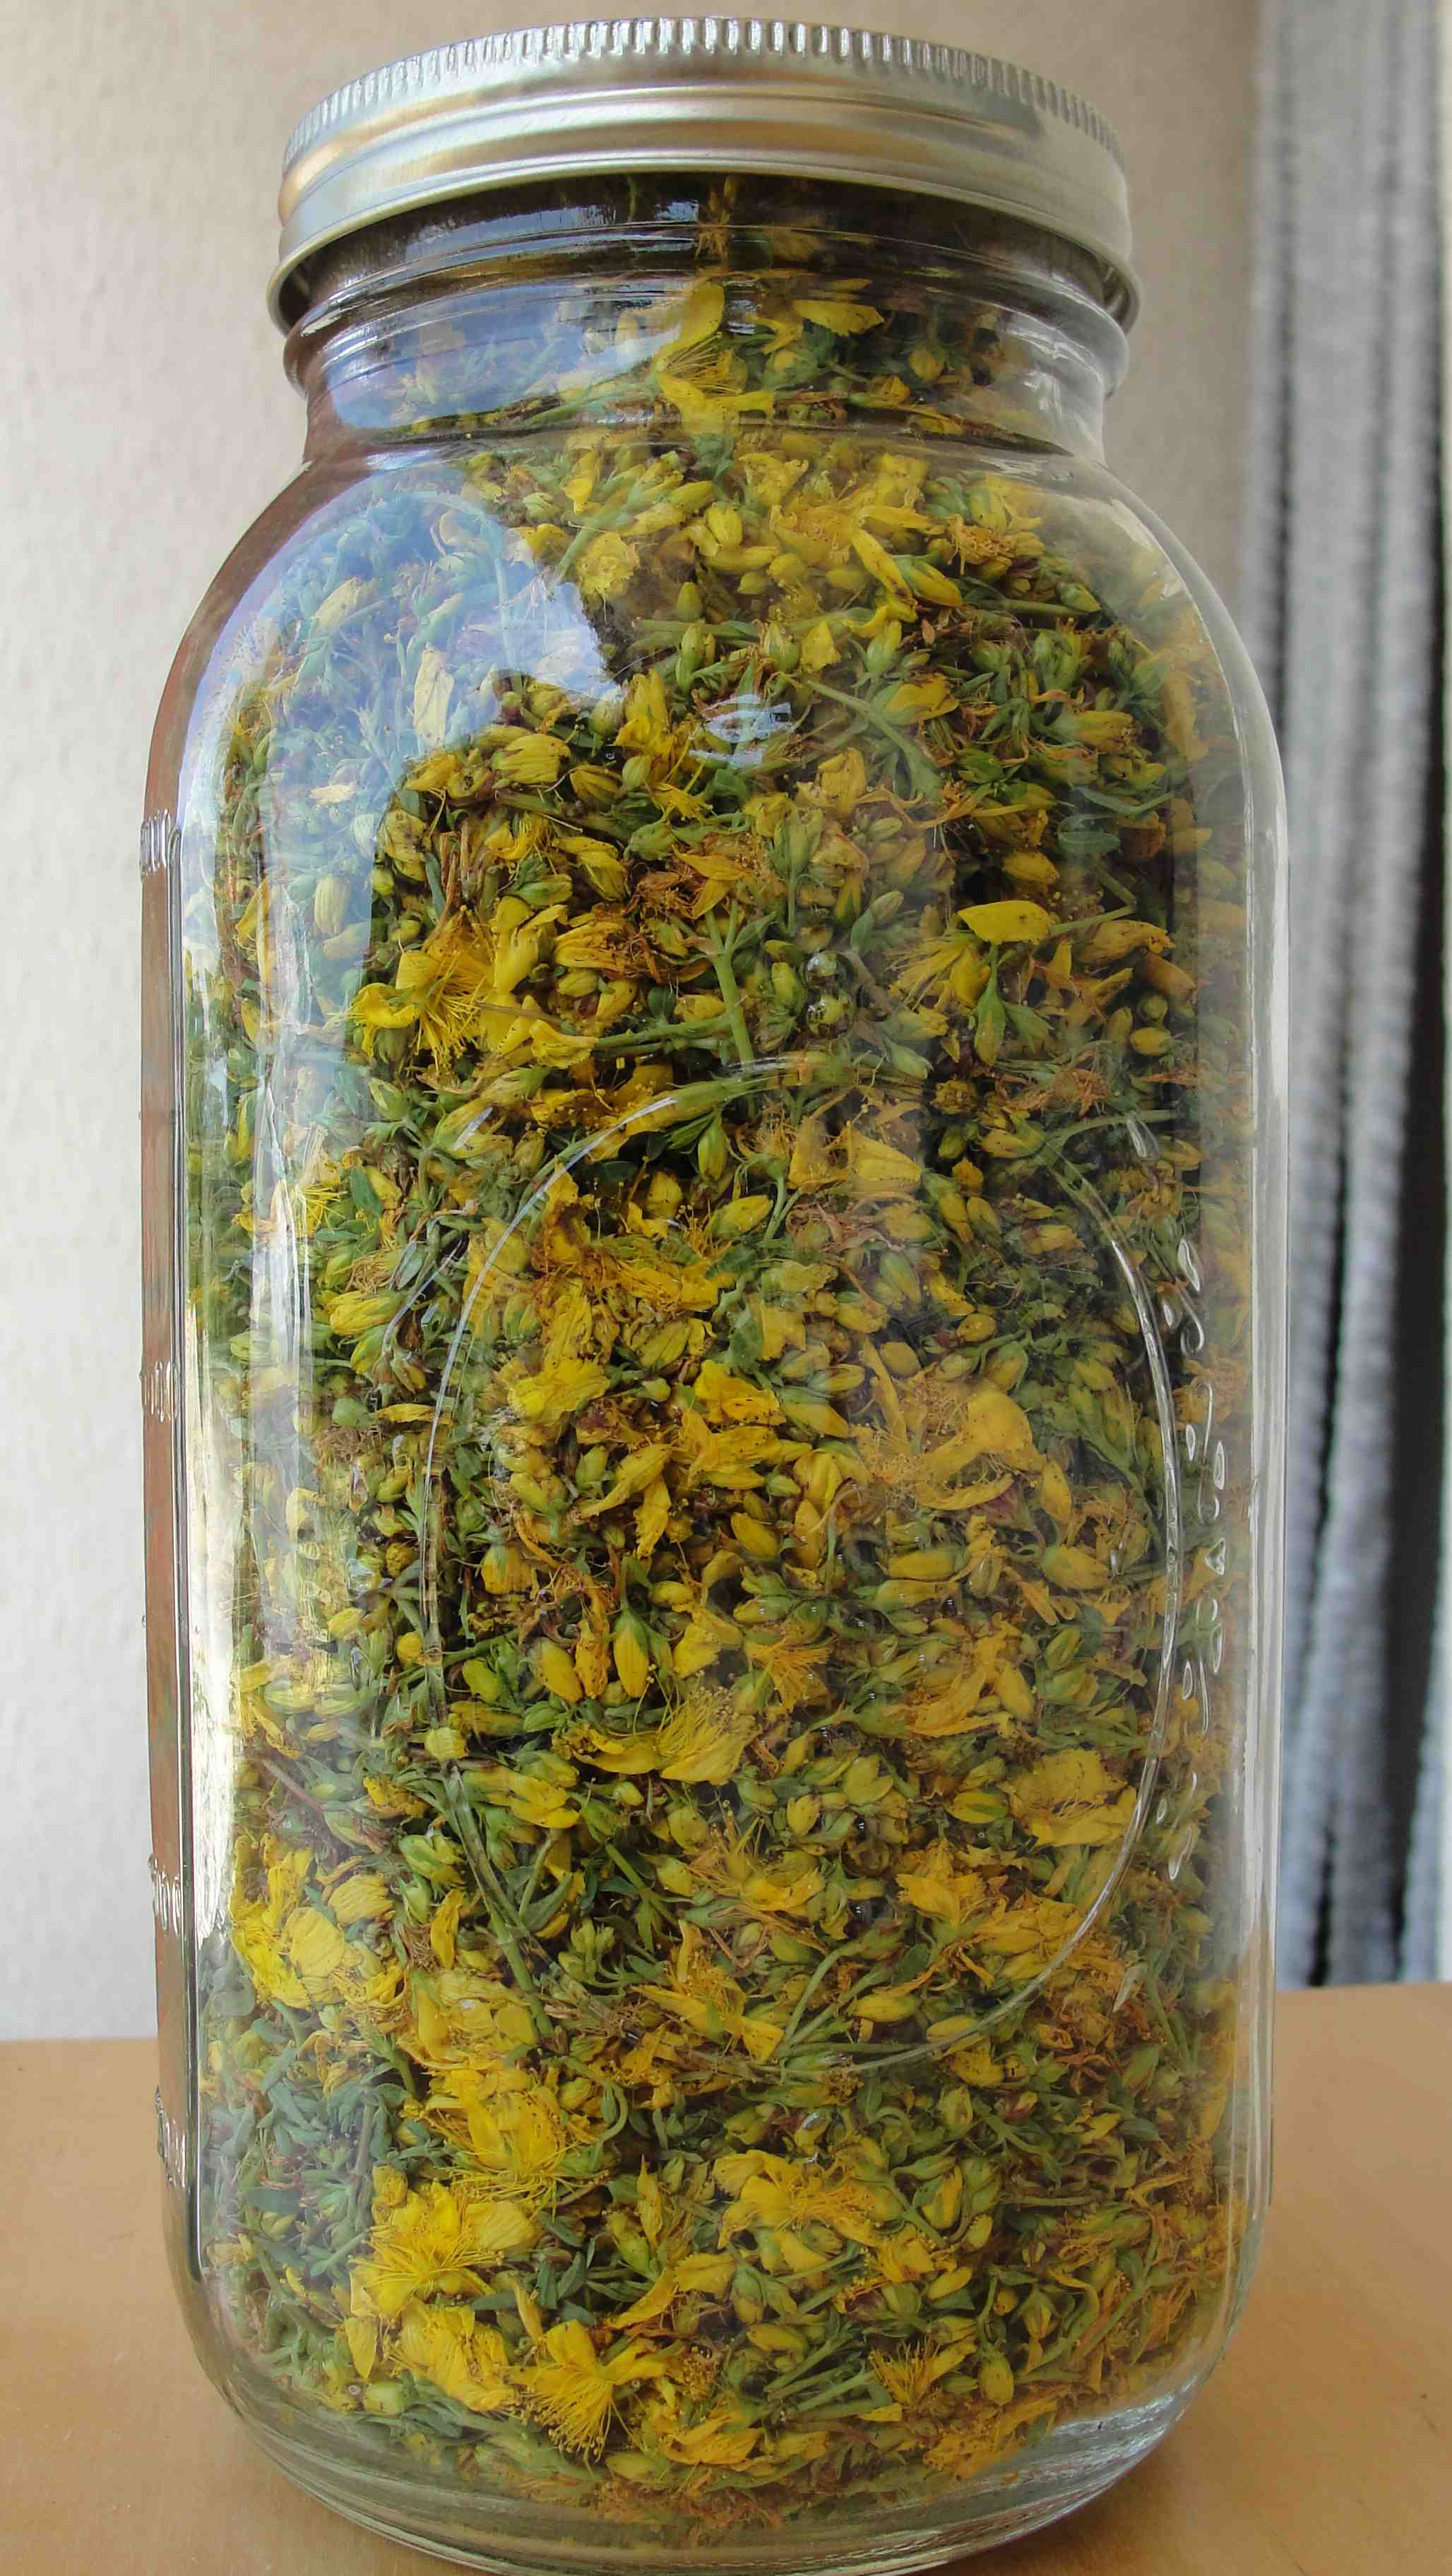 Teinture de millepertuis (Hypericum perforatum) - avant ajout d'alcool - Photo AltheaProvence